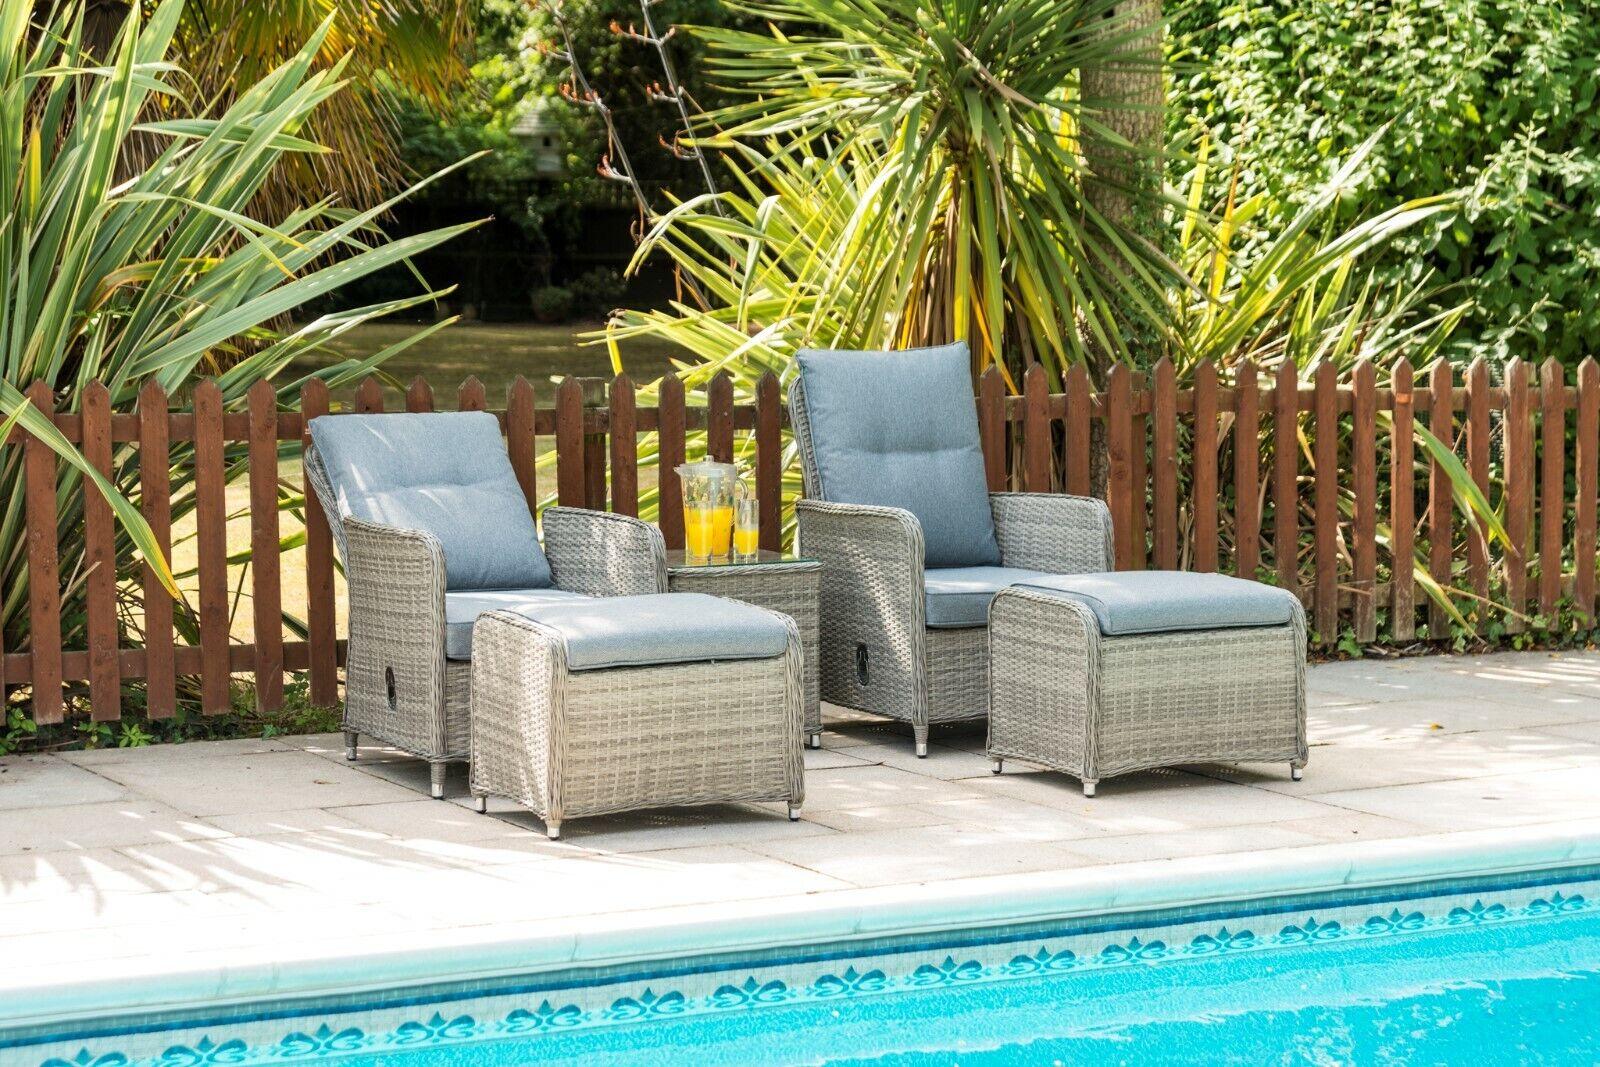 Garden Furniture - Garden Furniture - Reclining Lounger Set